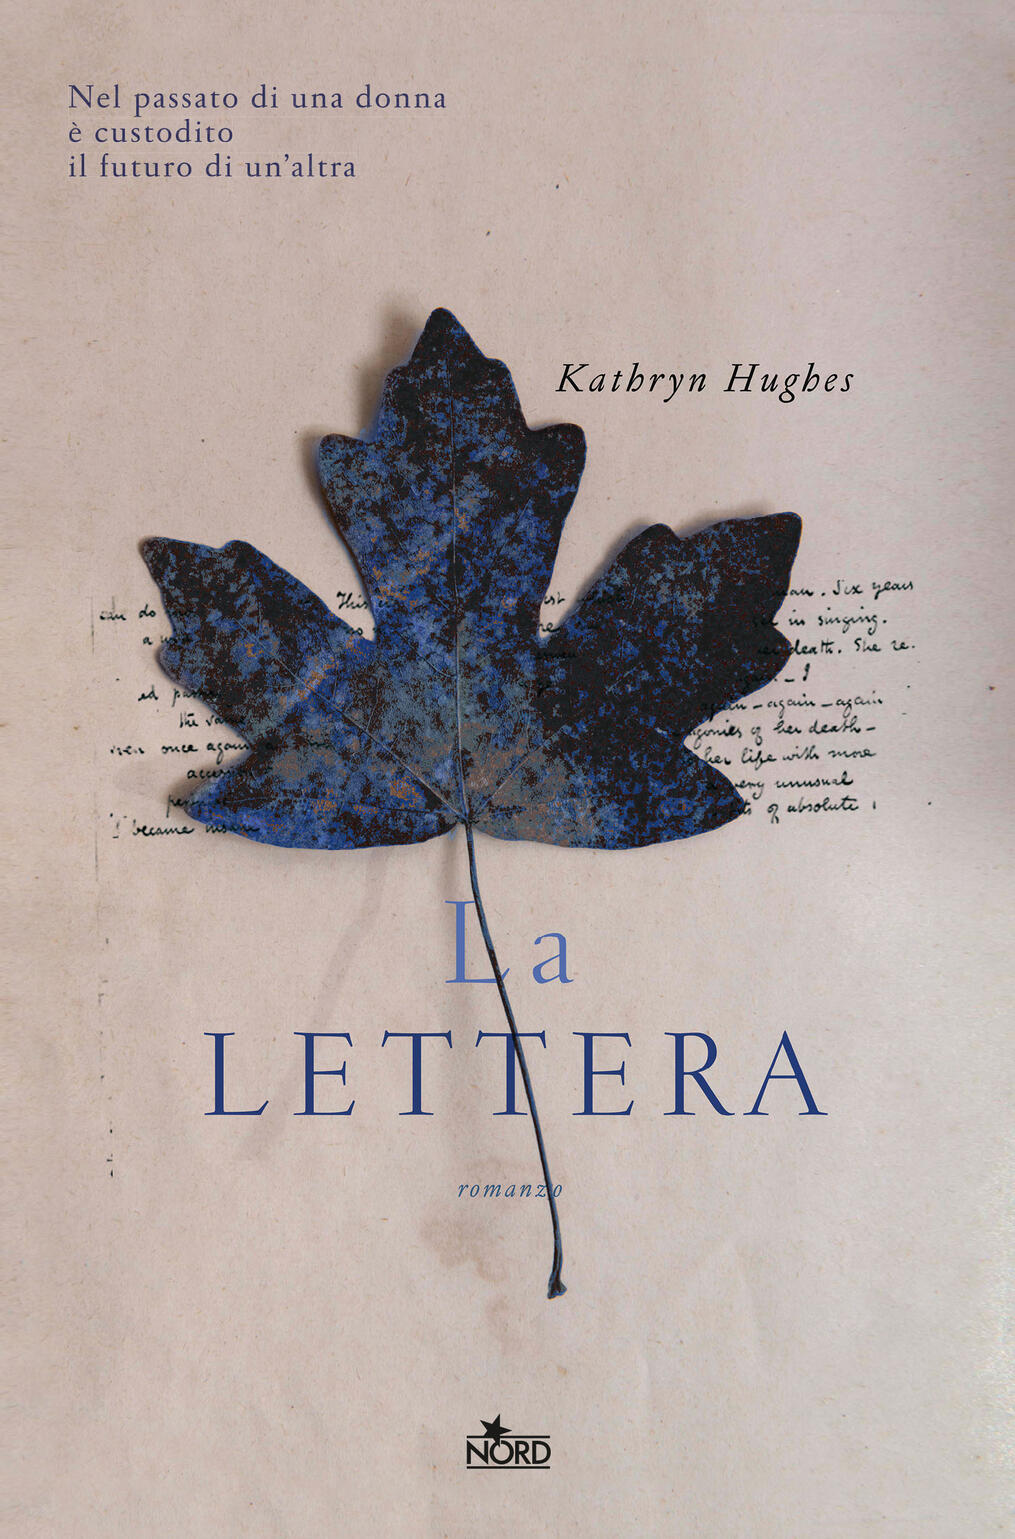 Risultati immagini per la lettera kathryn hughes